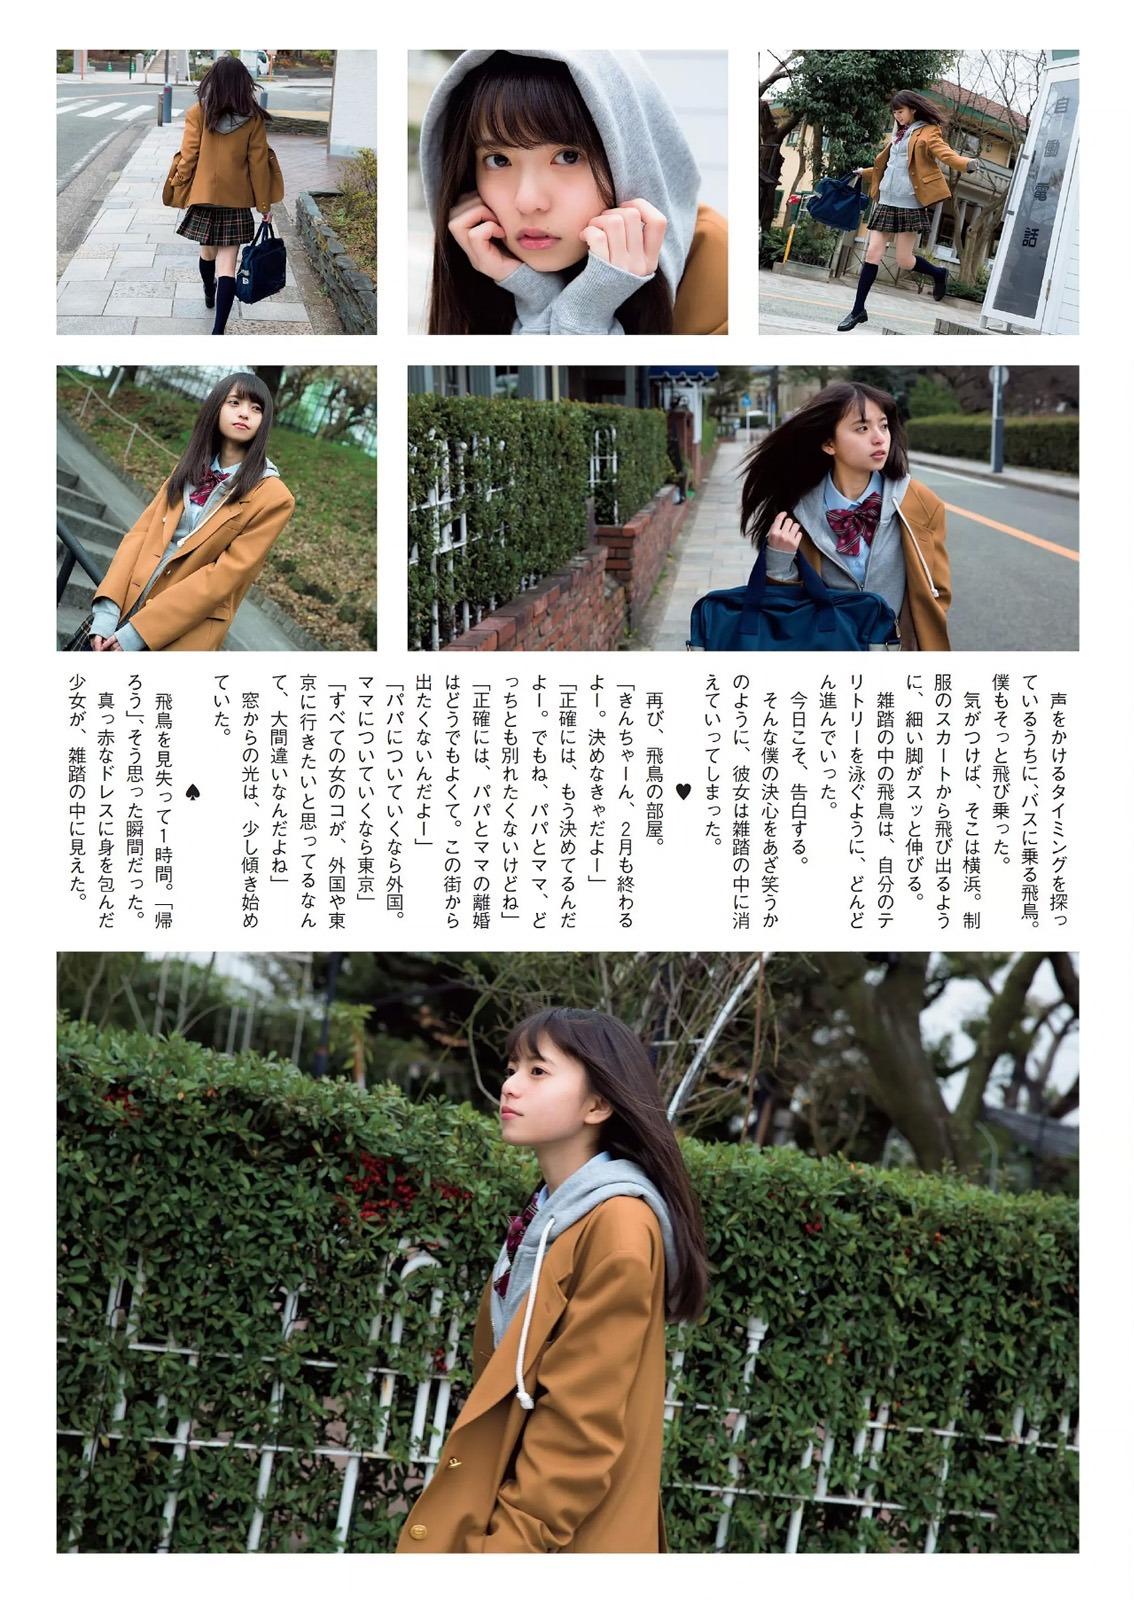 齋藤飛鳥03